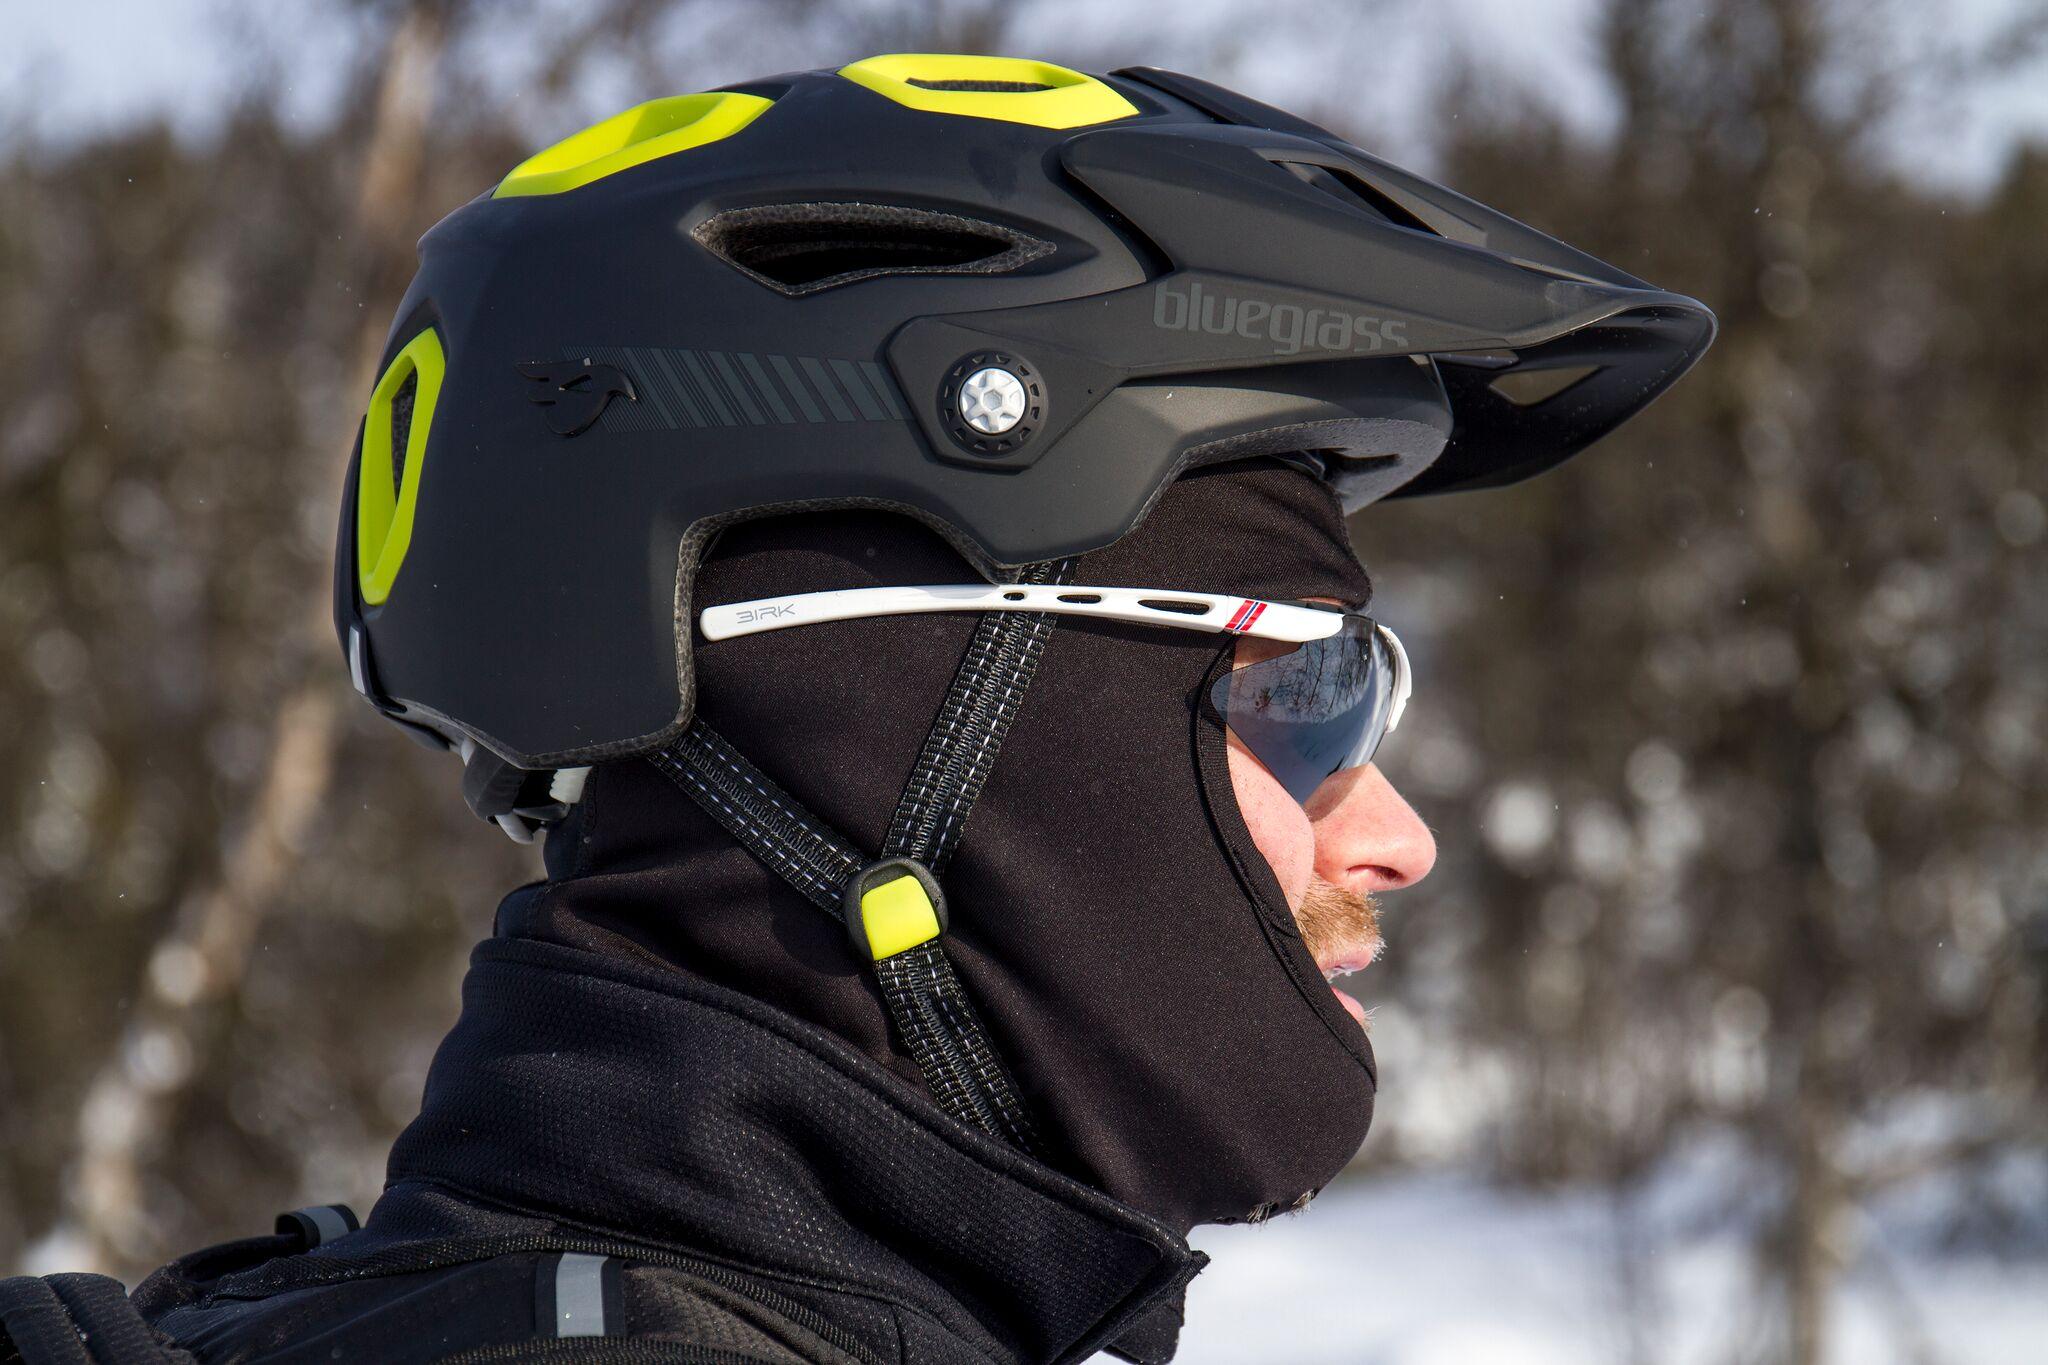 Vintersykling - Tips og råd til vellykket sykling på vinteren